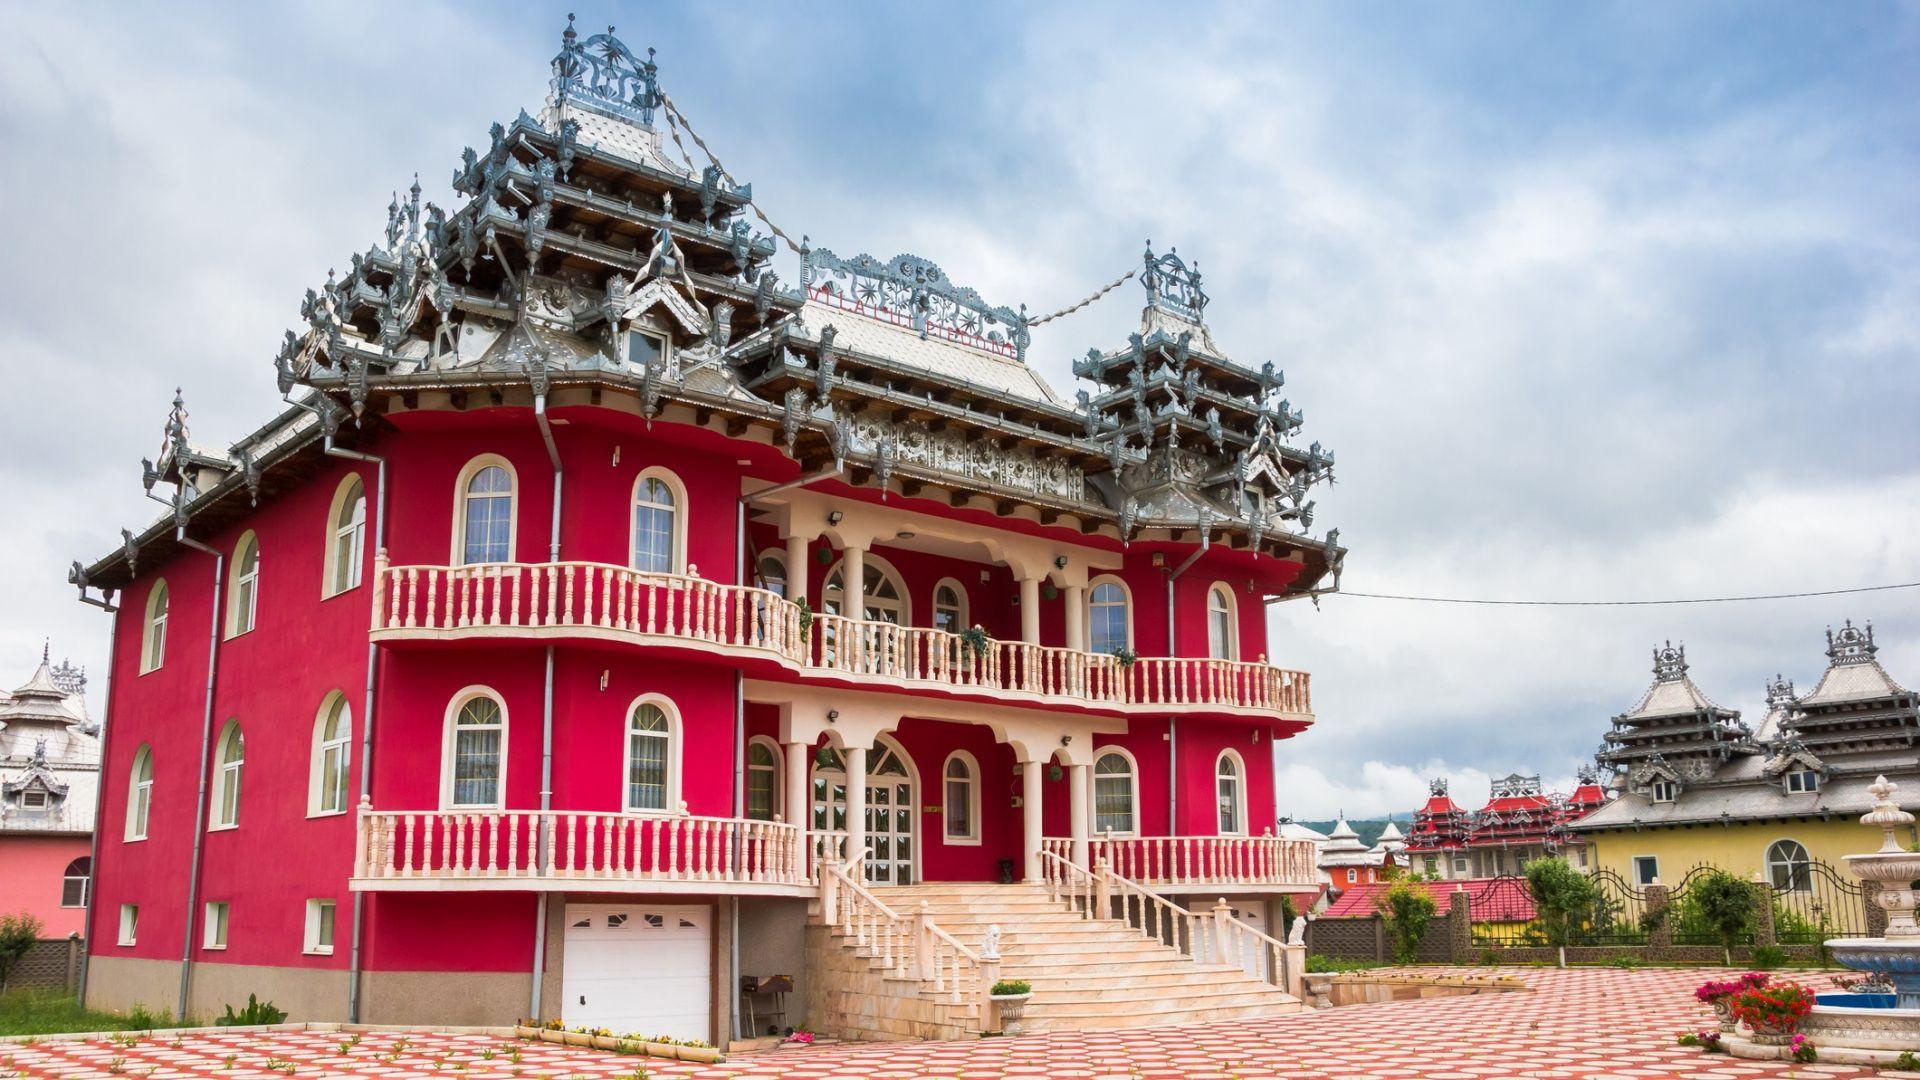 """""""Ромските палати"""" - архитектурен феномен в Румъния, който смущава"""